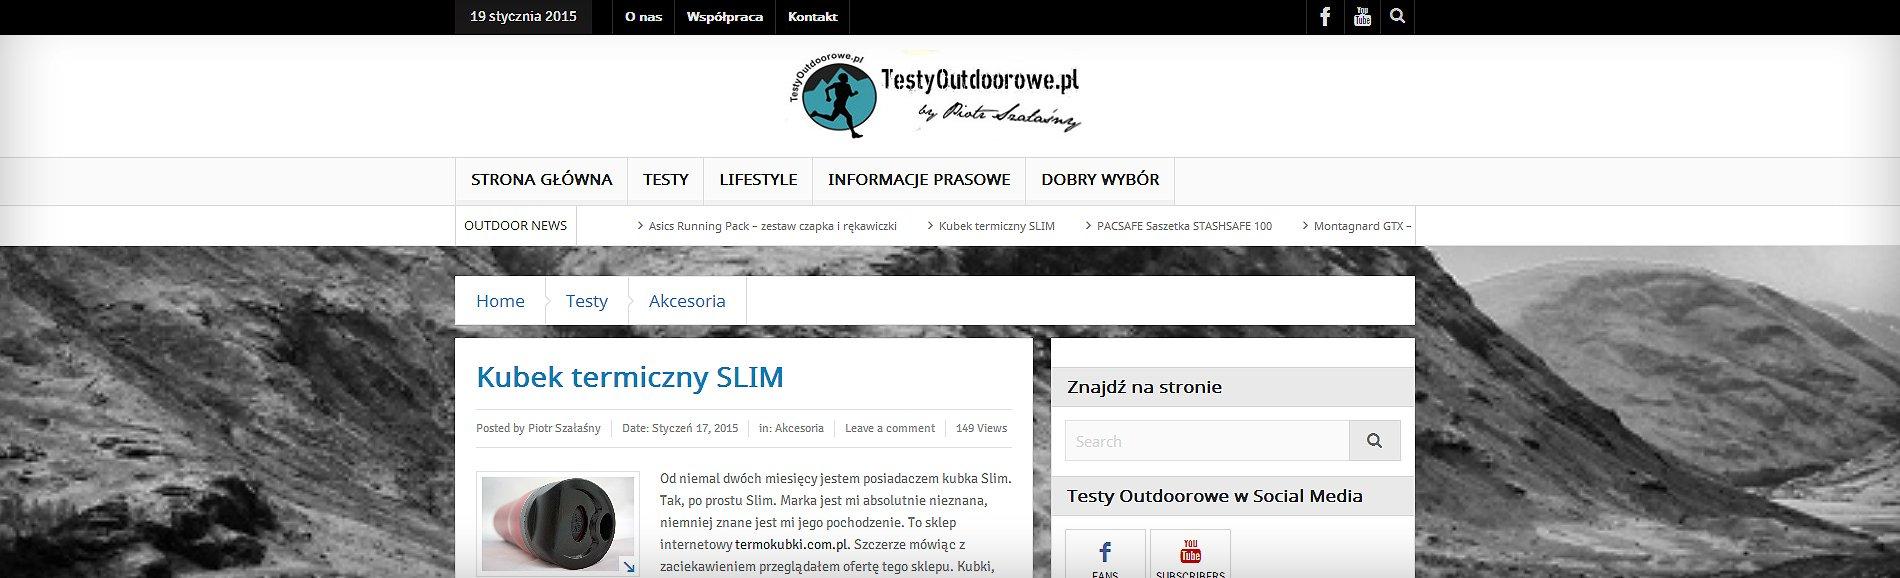 Kubek SLIM na testyoutdoorowe.pl